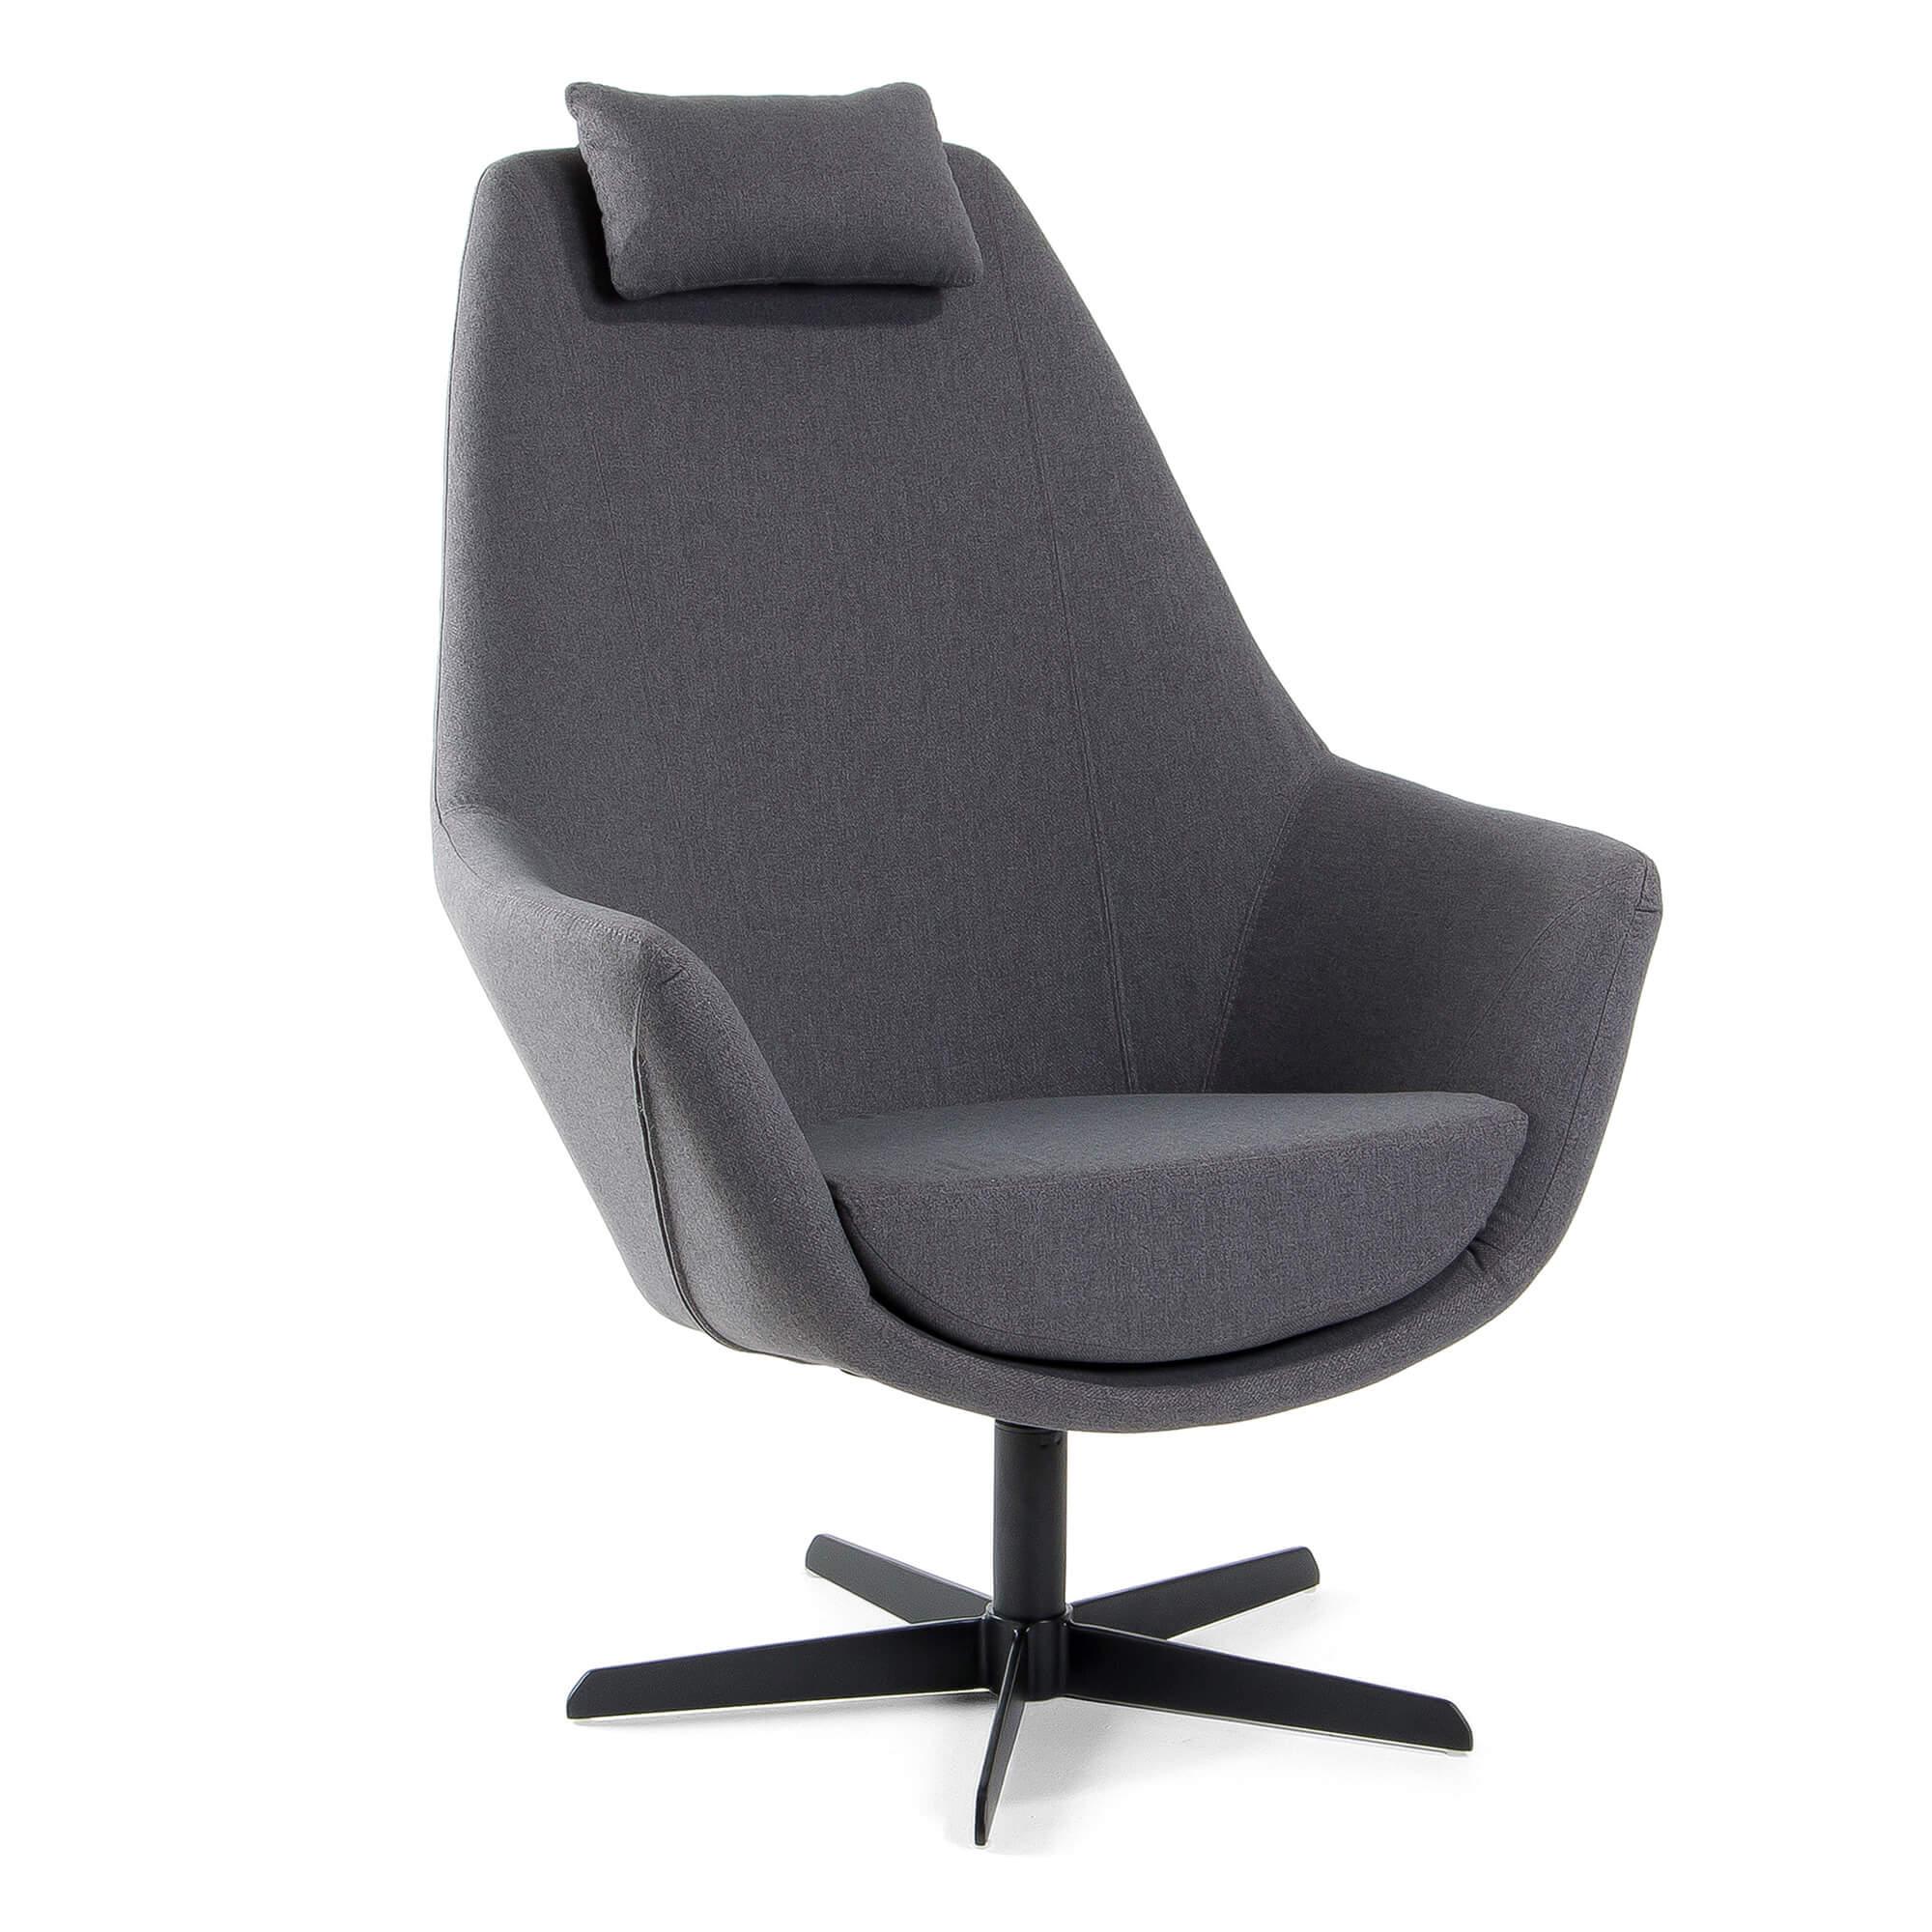 laforma Laforma trebor lænestol - mørkegrå/sort stof/stål, m. armlæn fra boboonline.dk